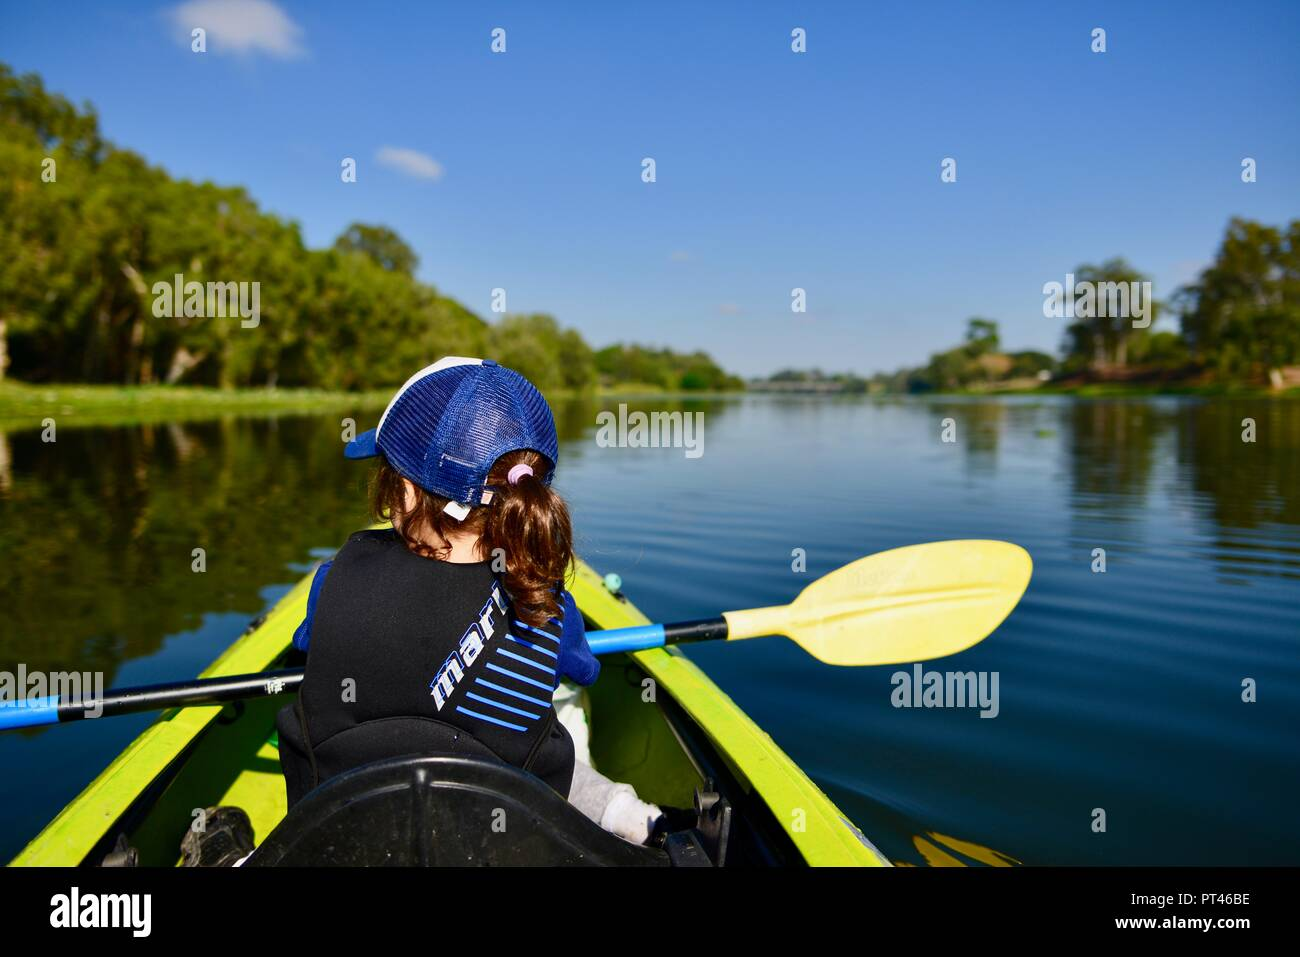 Kinder Paddeln in einem Kanu bei schönem Wetter, Ross River, QLD, Australien Stockfoto